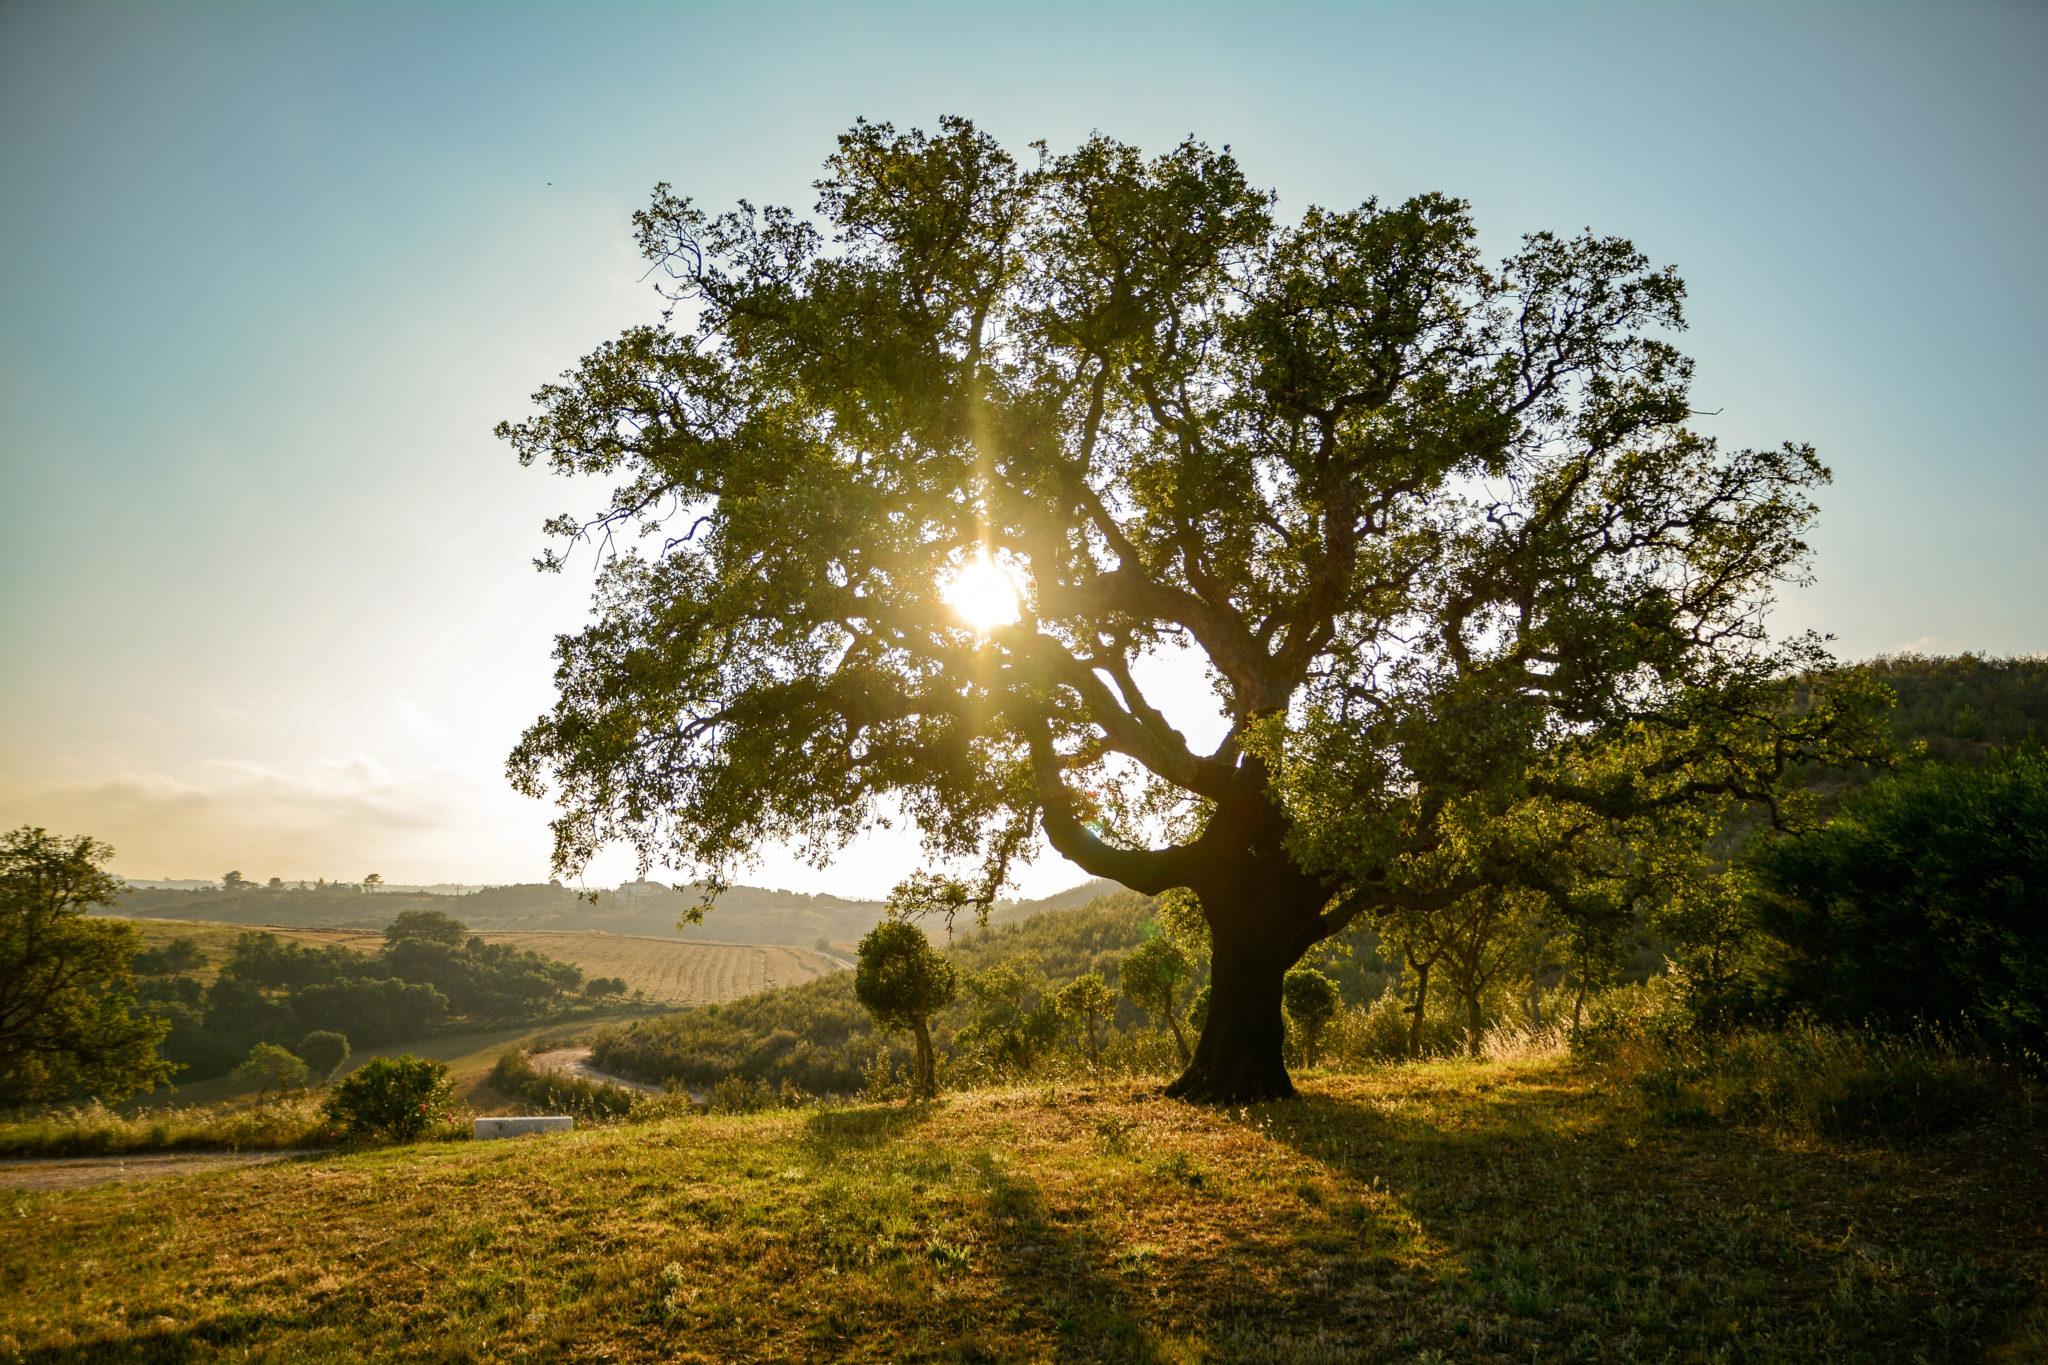 Portugal - Alte Korkeiche in der Abendsonne